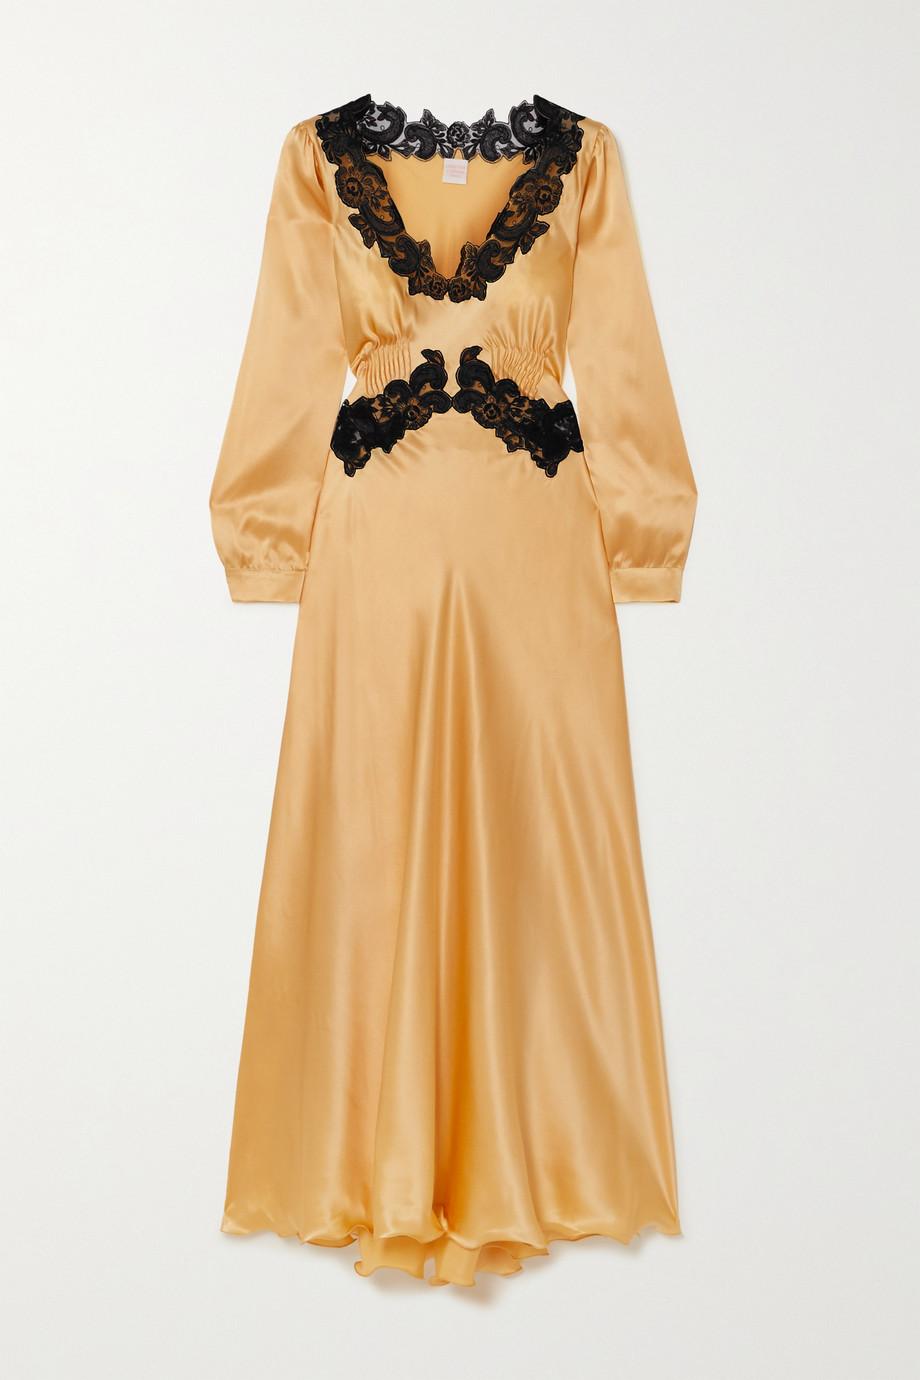 Loretta Caponi Lugina Kleid aus Seidensatin mit Spitzenbesätzen und Biesen